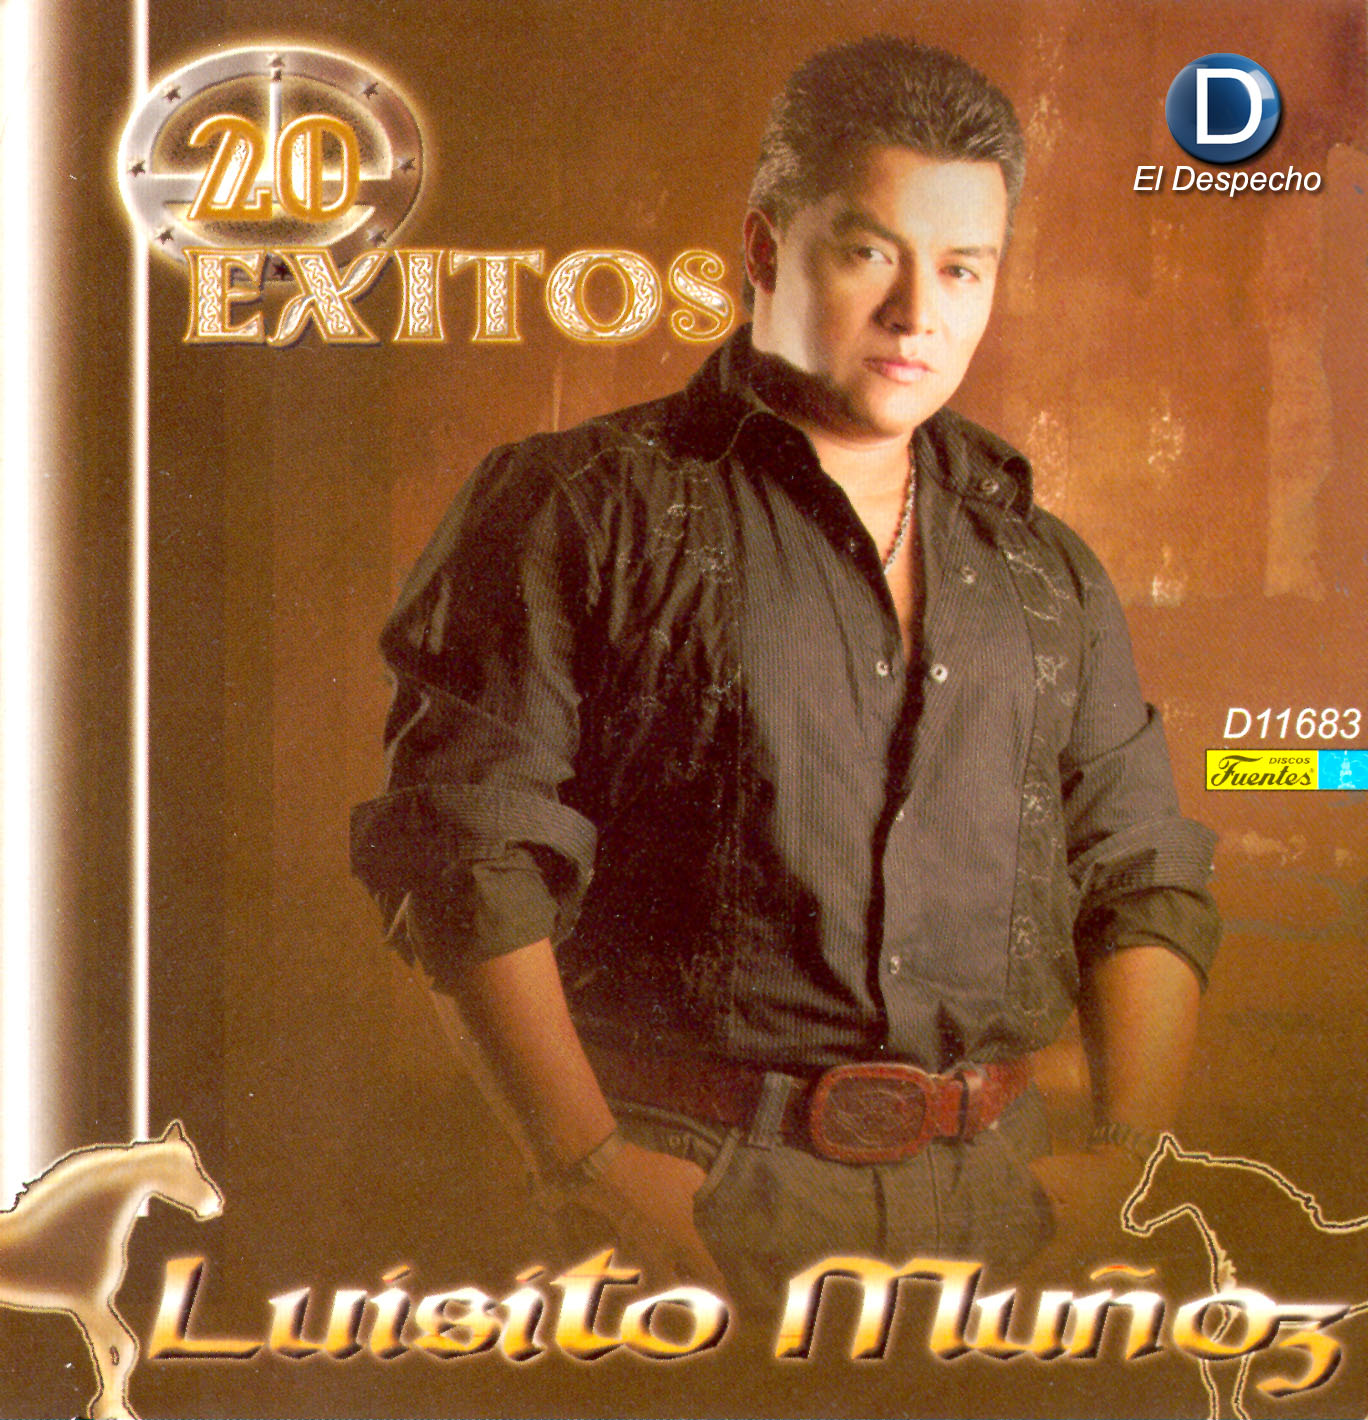 Luisito Muñoz